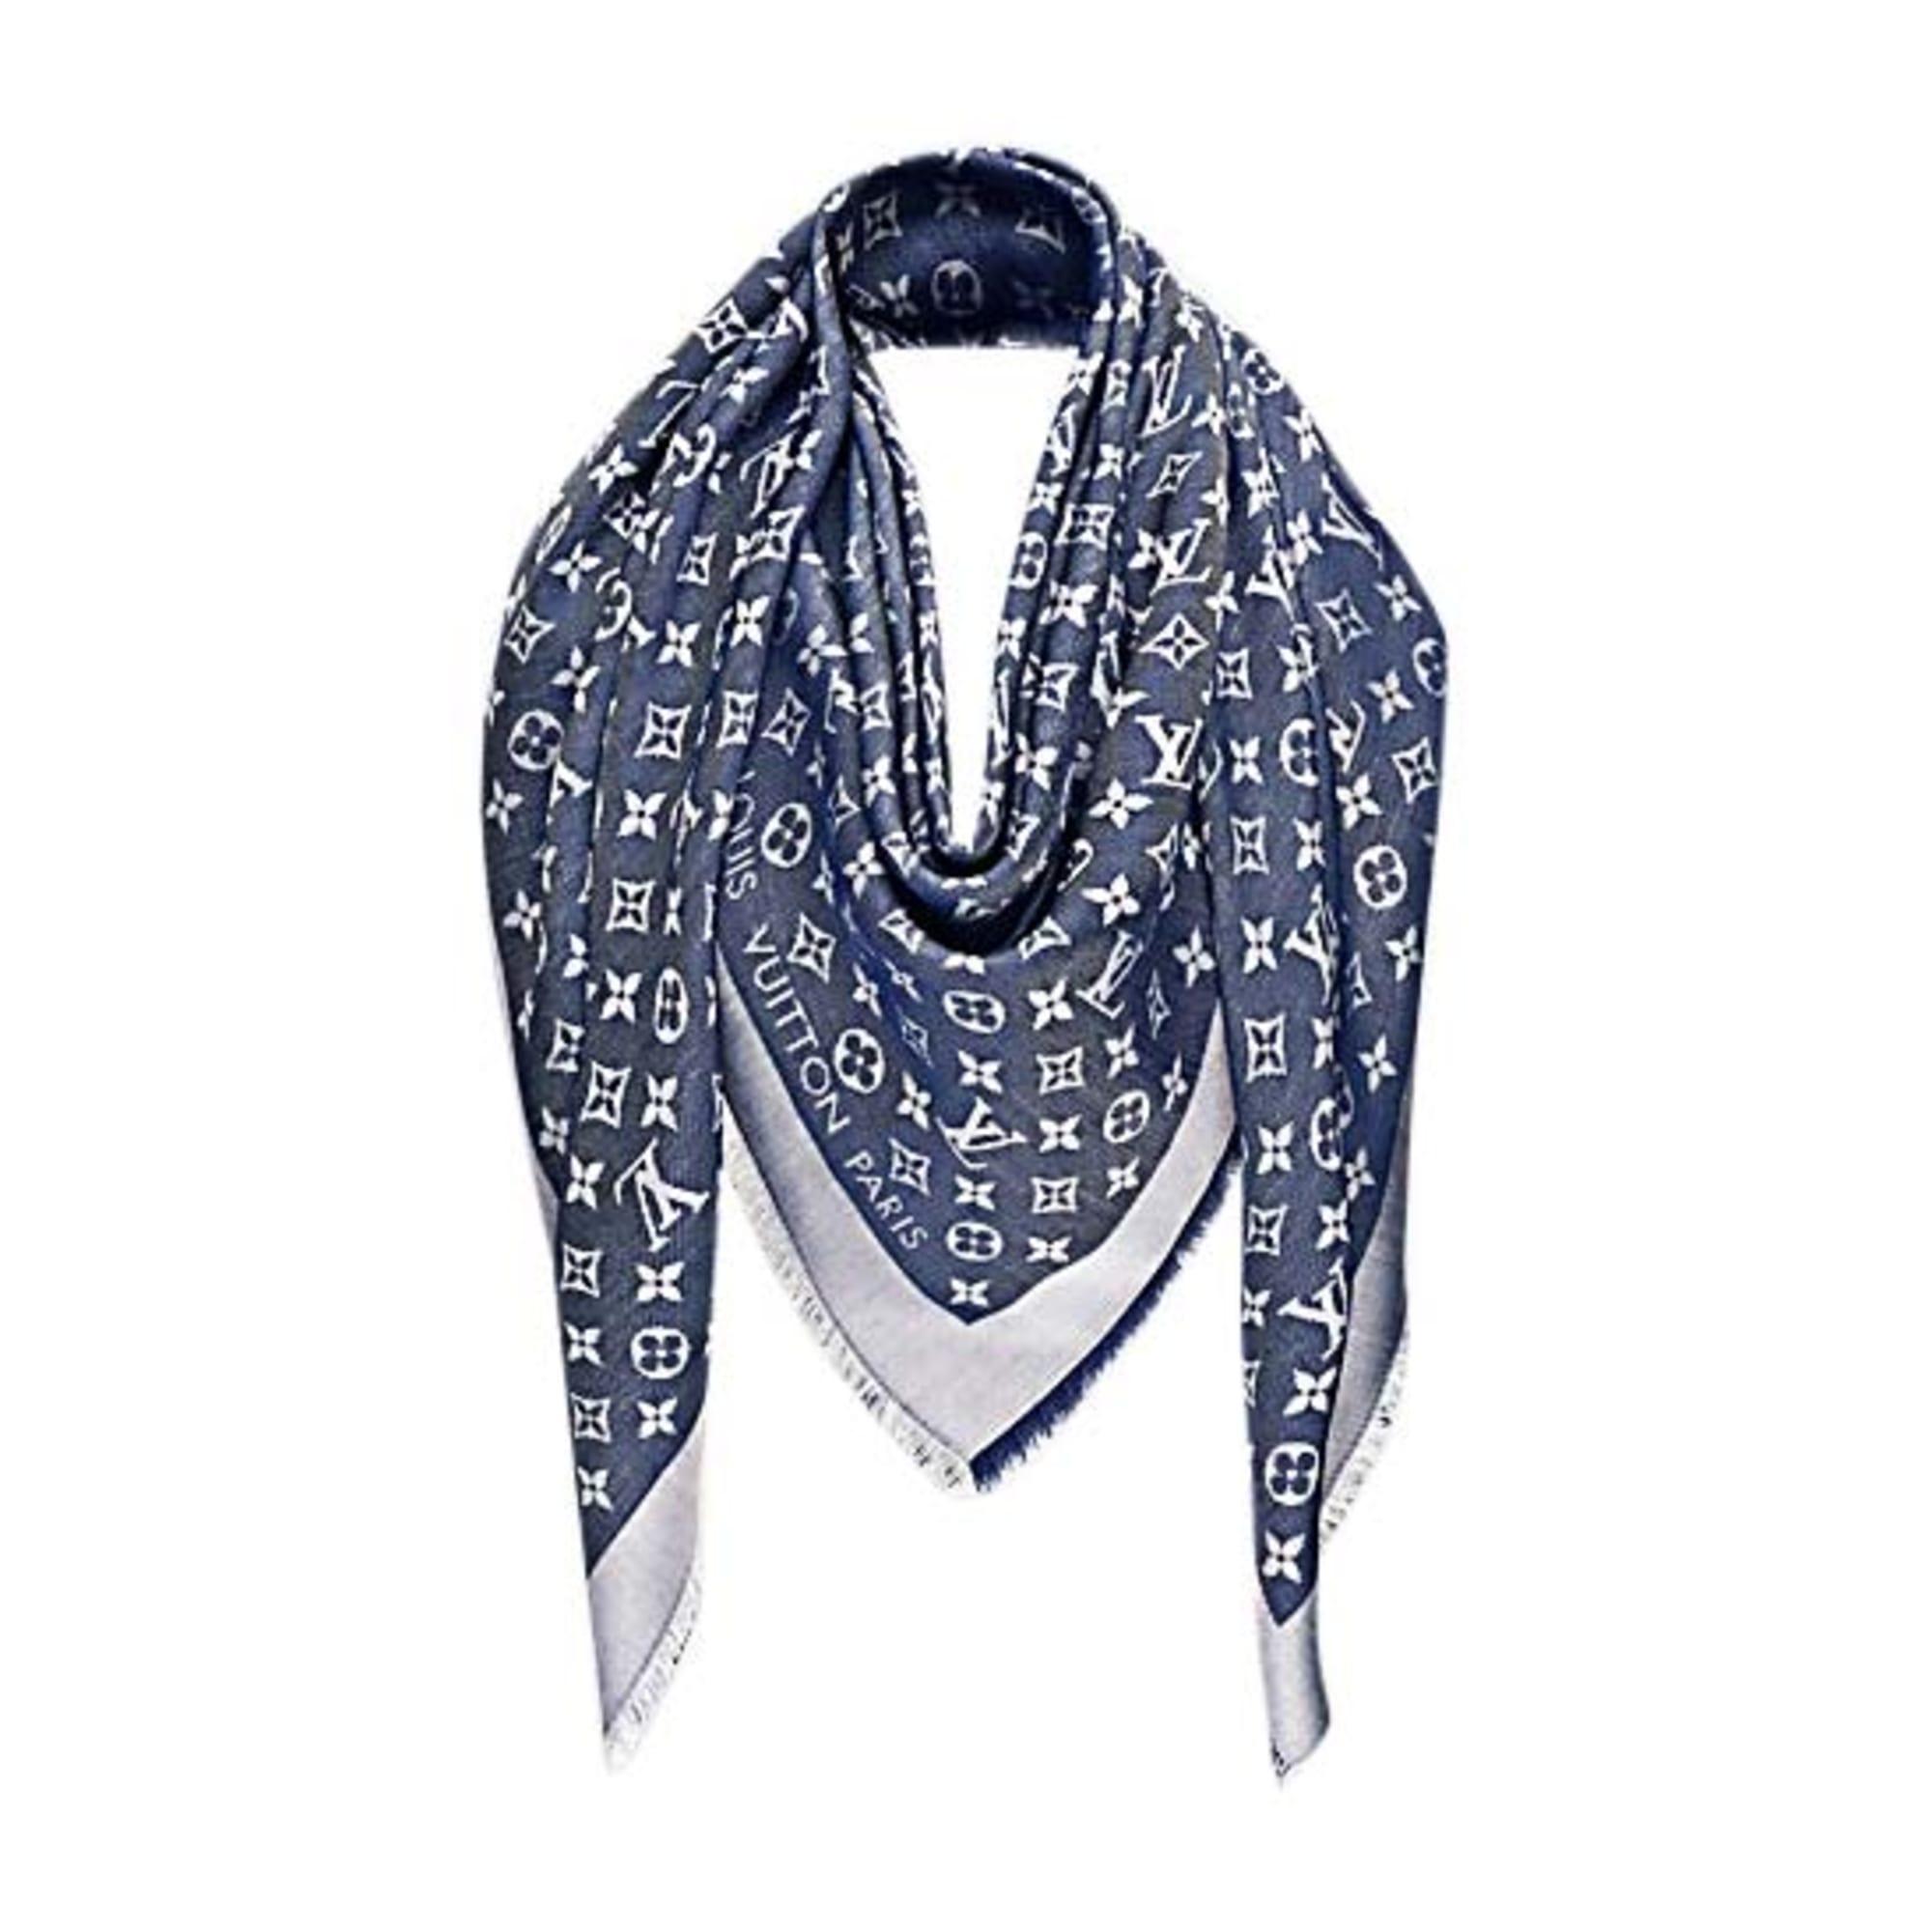 6c1bed9daad3 Foulard LOUIS VUITTON bleu vendu par Sophie27 - 7668394